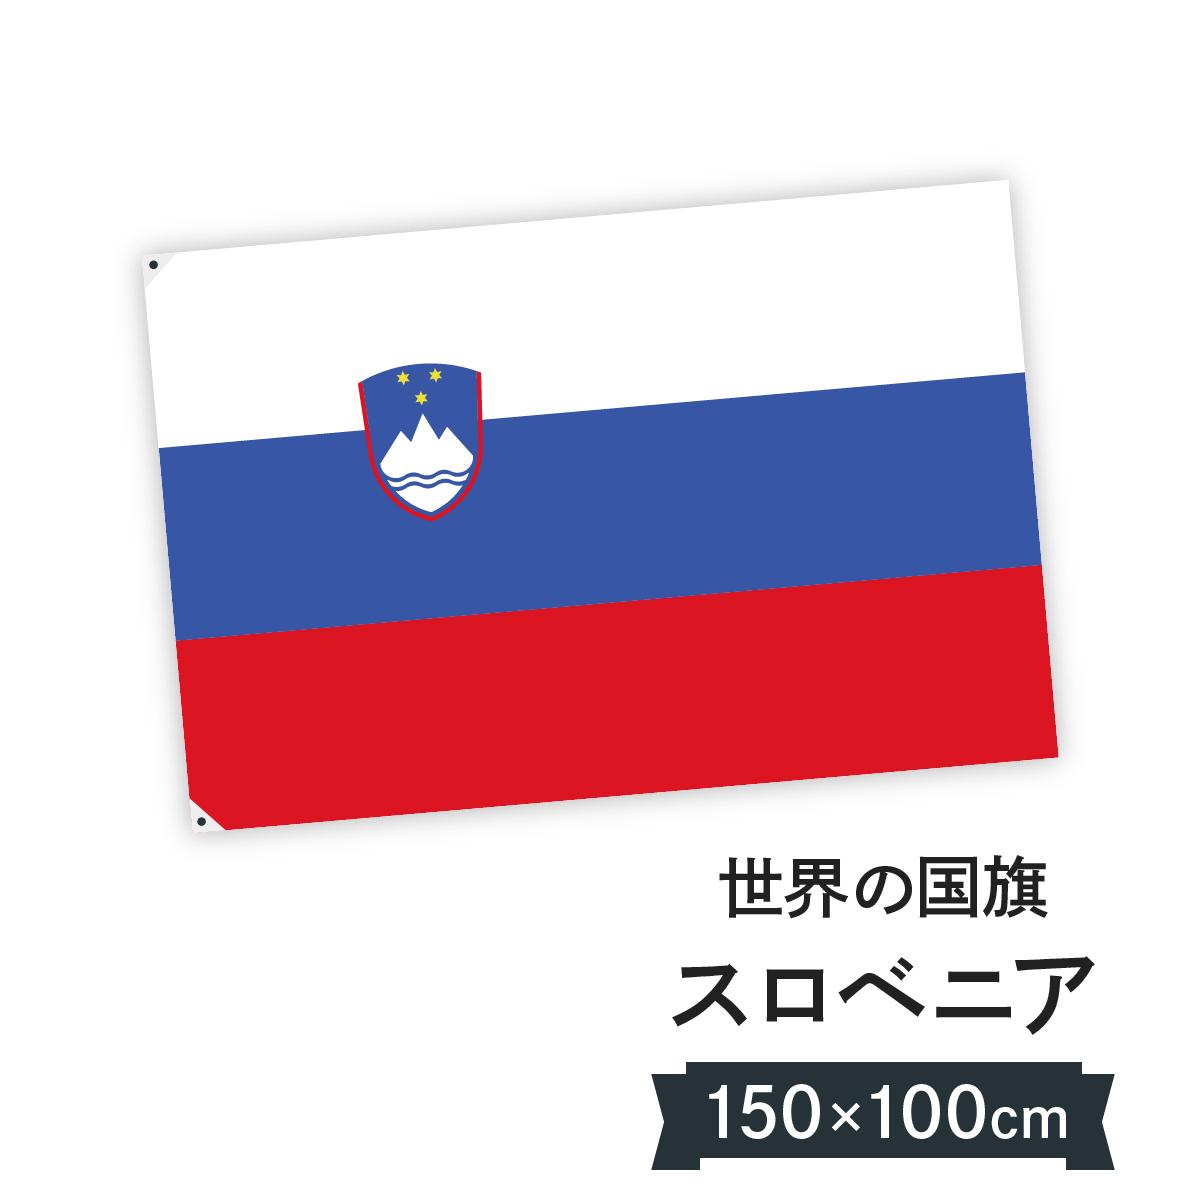 スロベニア共和国 国旗 W150cm H100cm